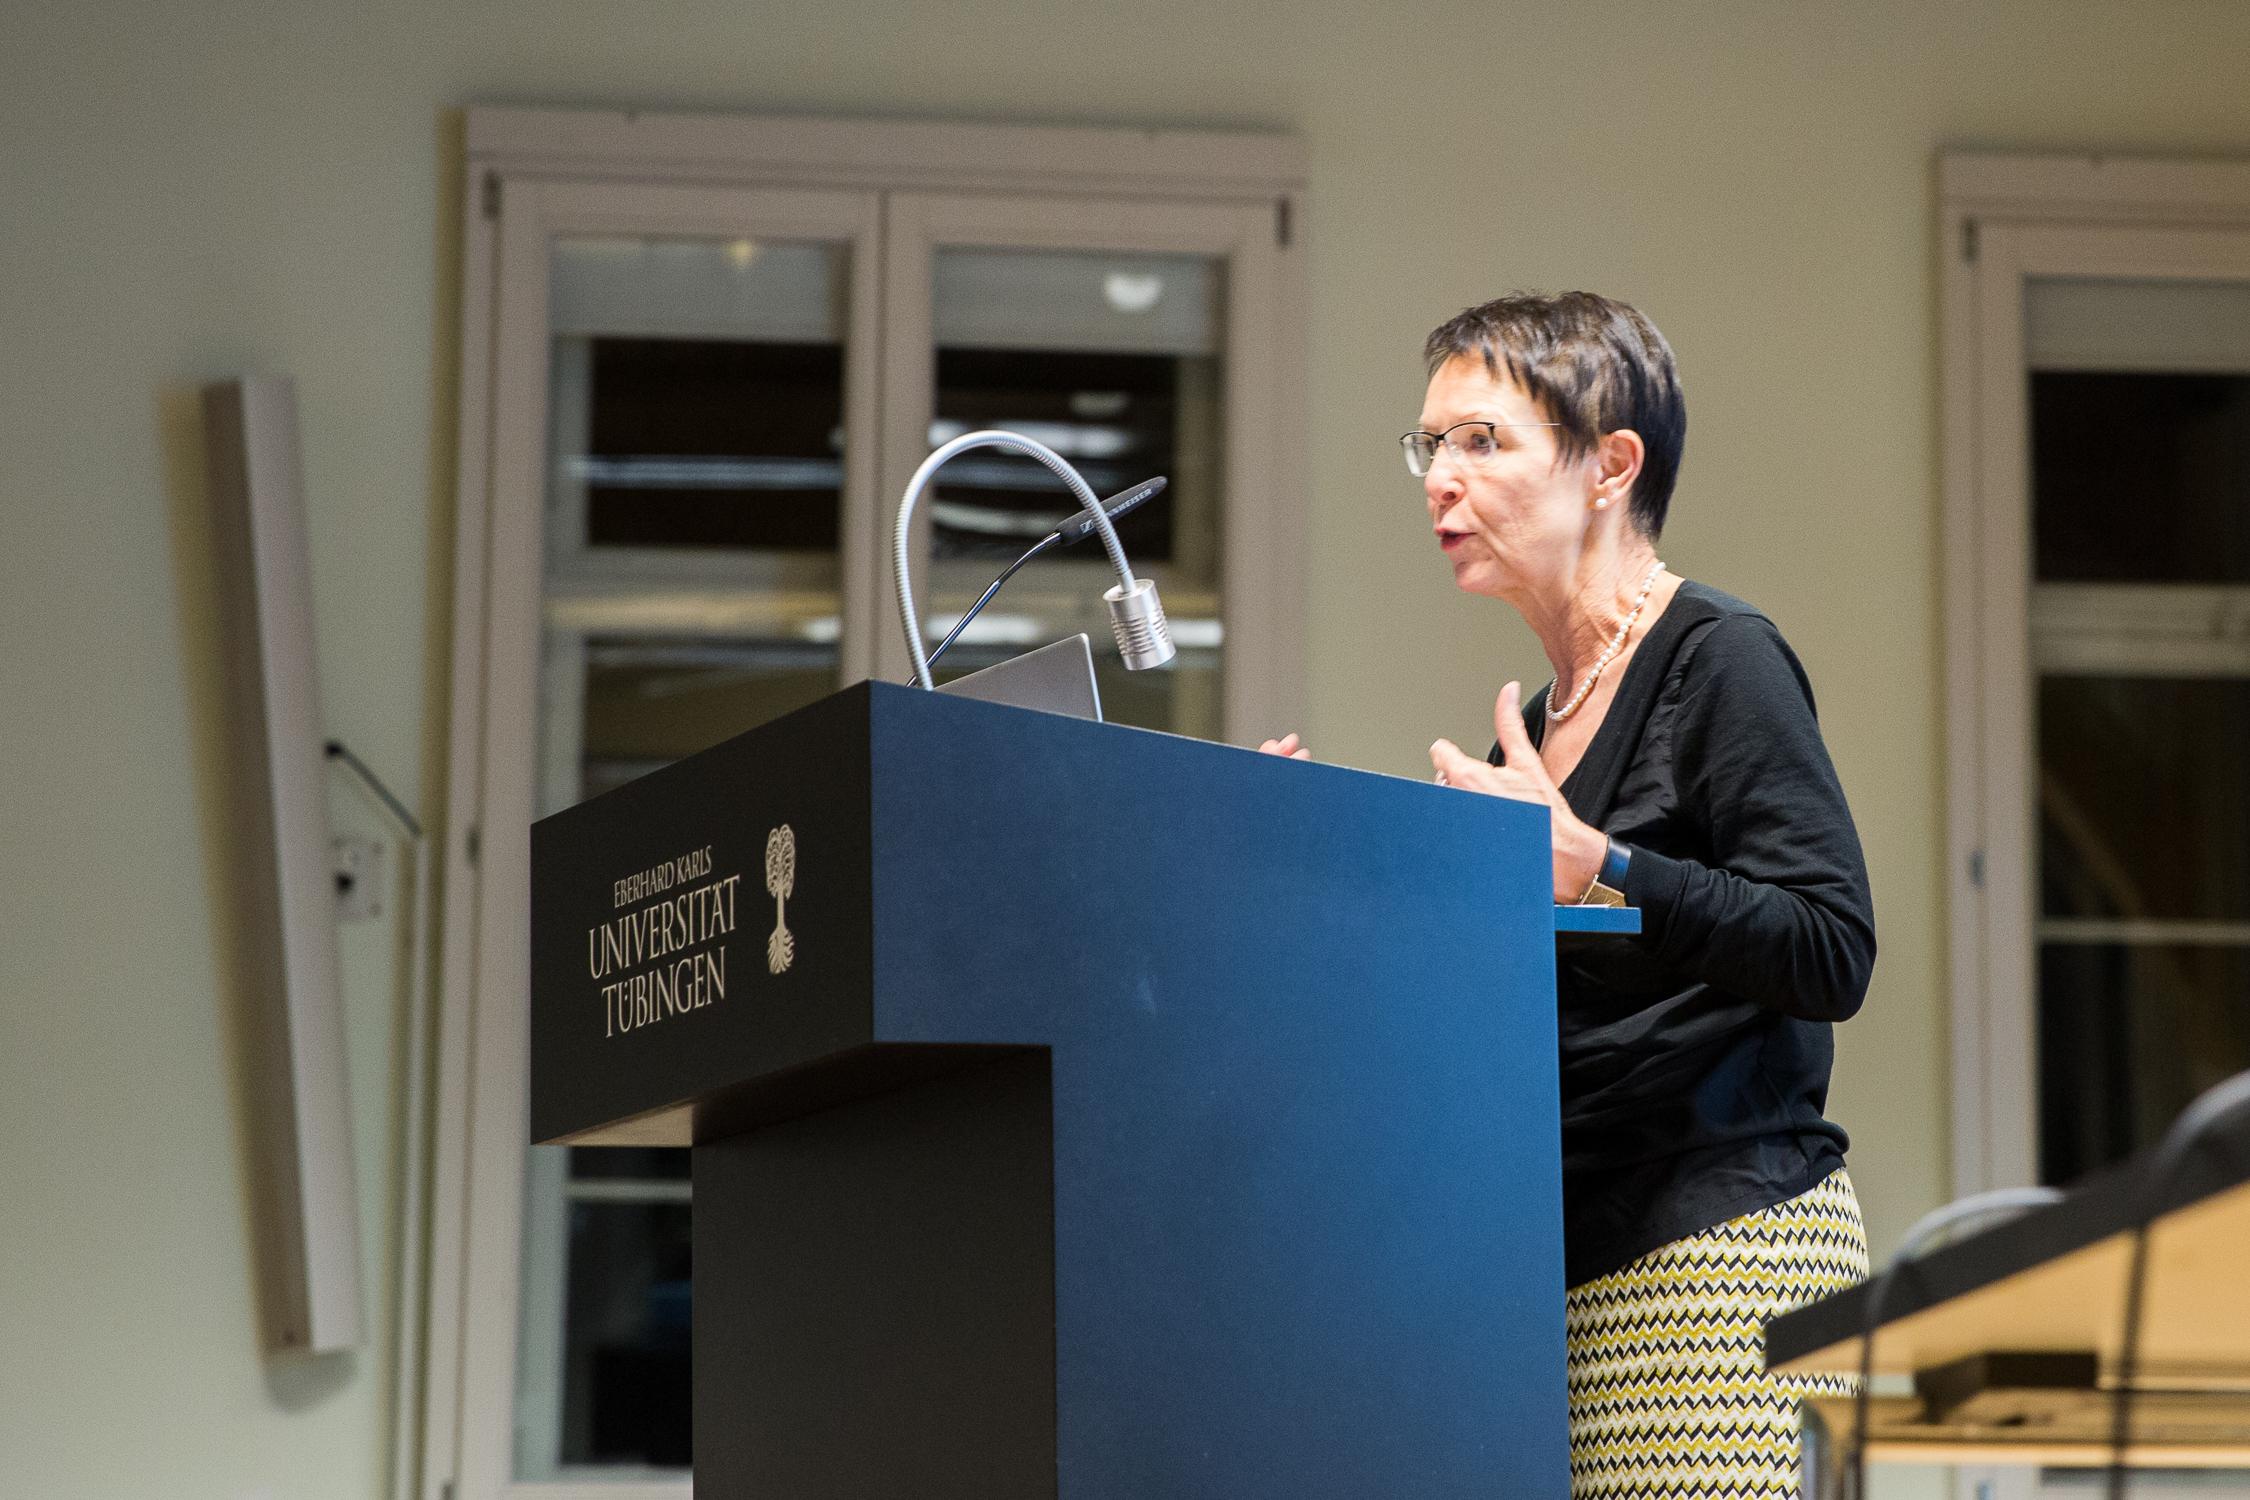 Birgit Sauer diskutiert die Geschlechterdimension des Phänomens und argumentiert, dass Rechtspopulismus von dem Bestreben getrieben ist, in Frage gestellte Konzepte von Männlichkeit zu verteidigen.